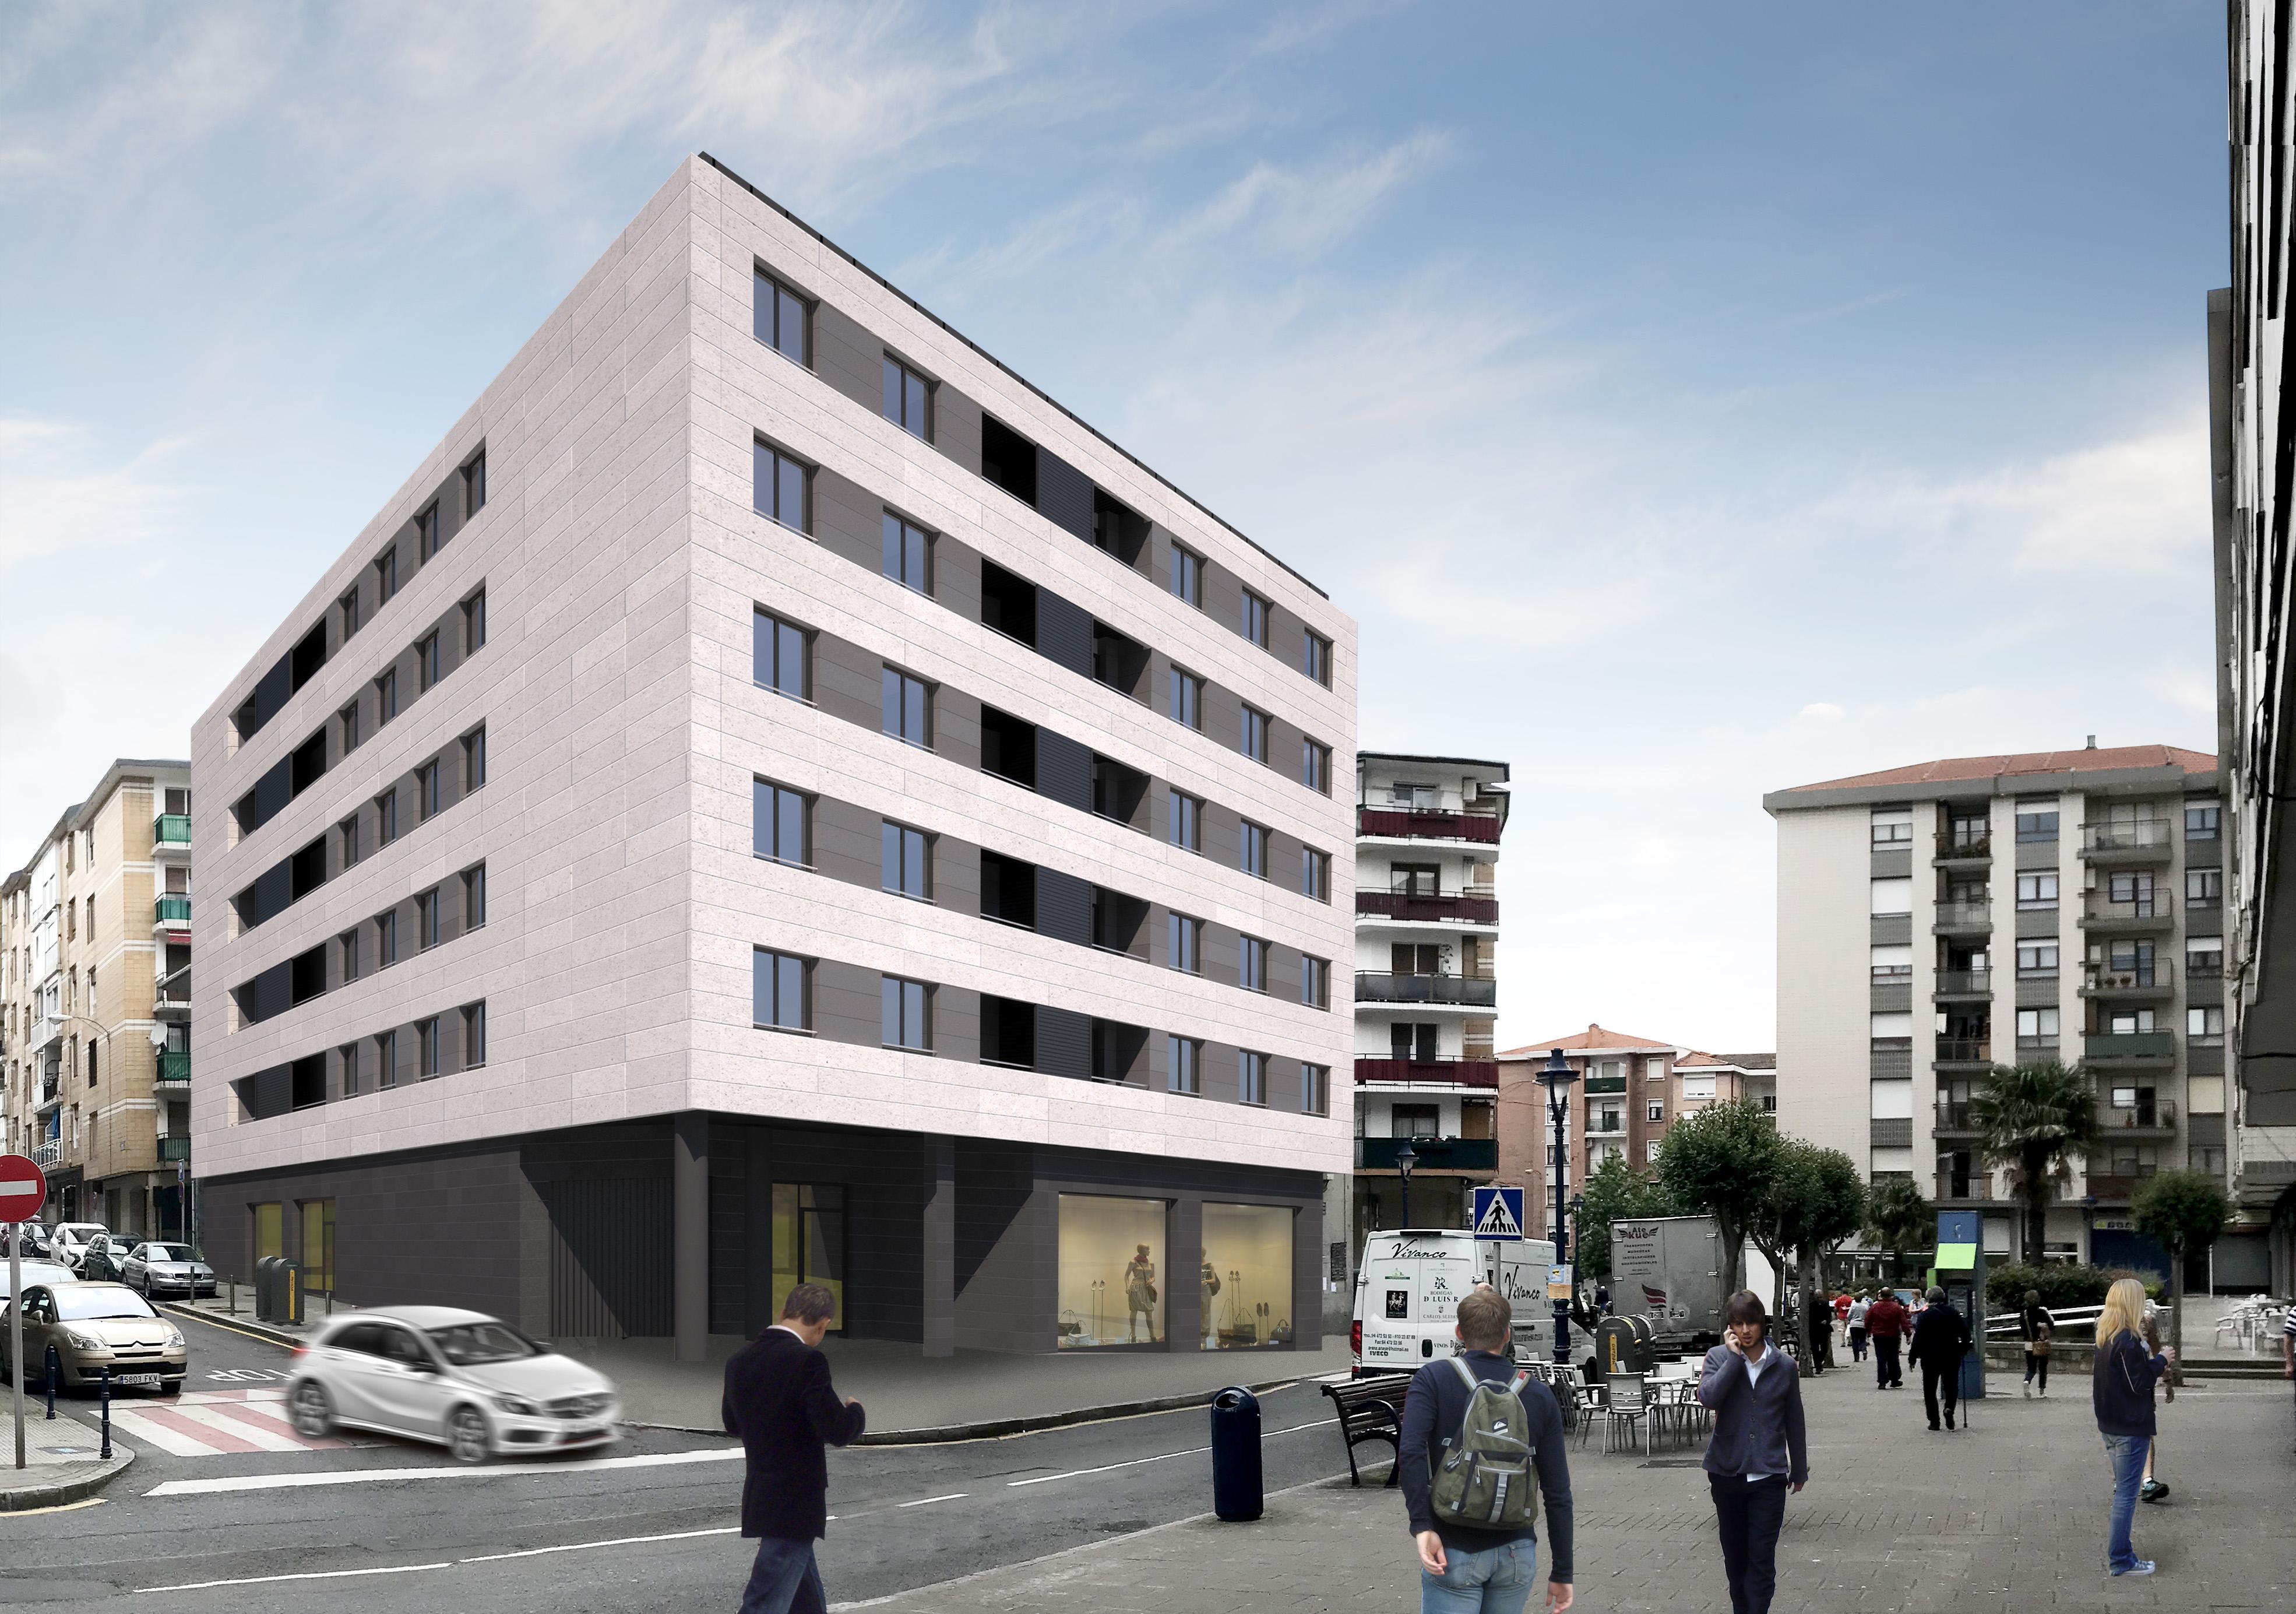 Nuevo residencial Áurea Repélega sostenible con calificación energética A